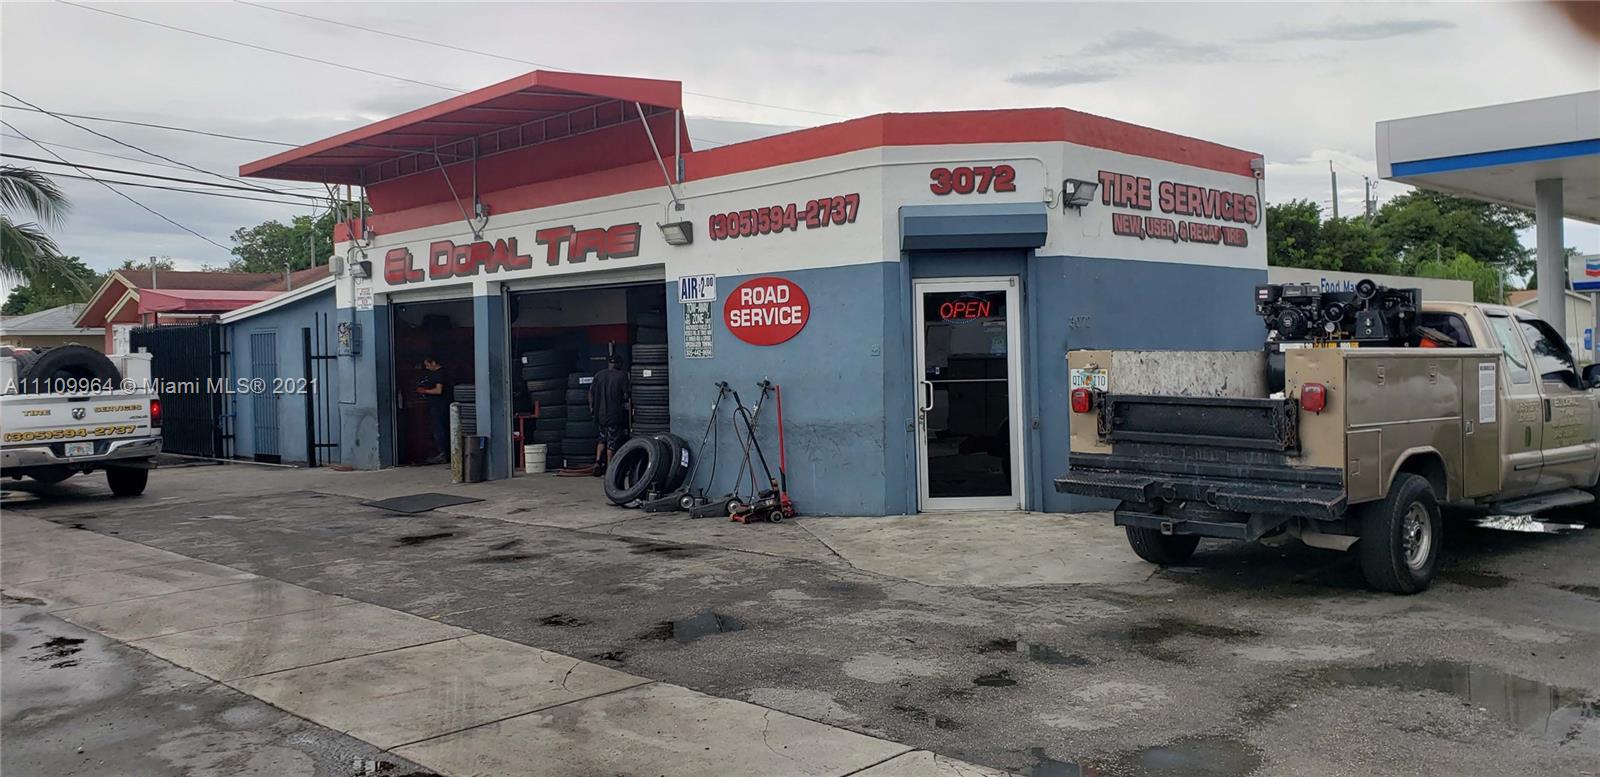 3072 NW 54th St, Miami, FL 33142